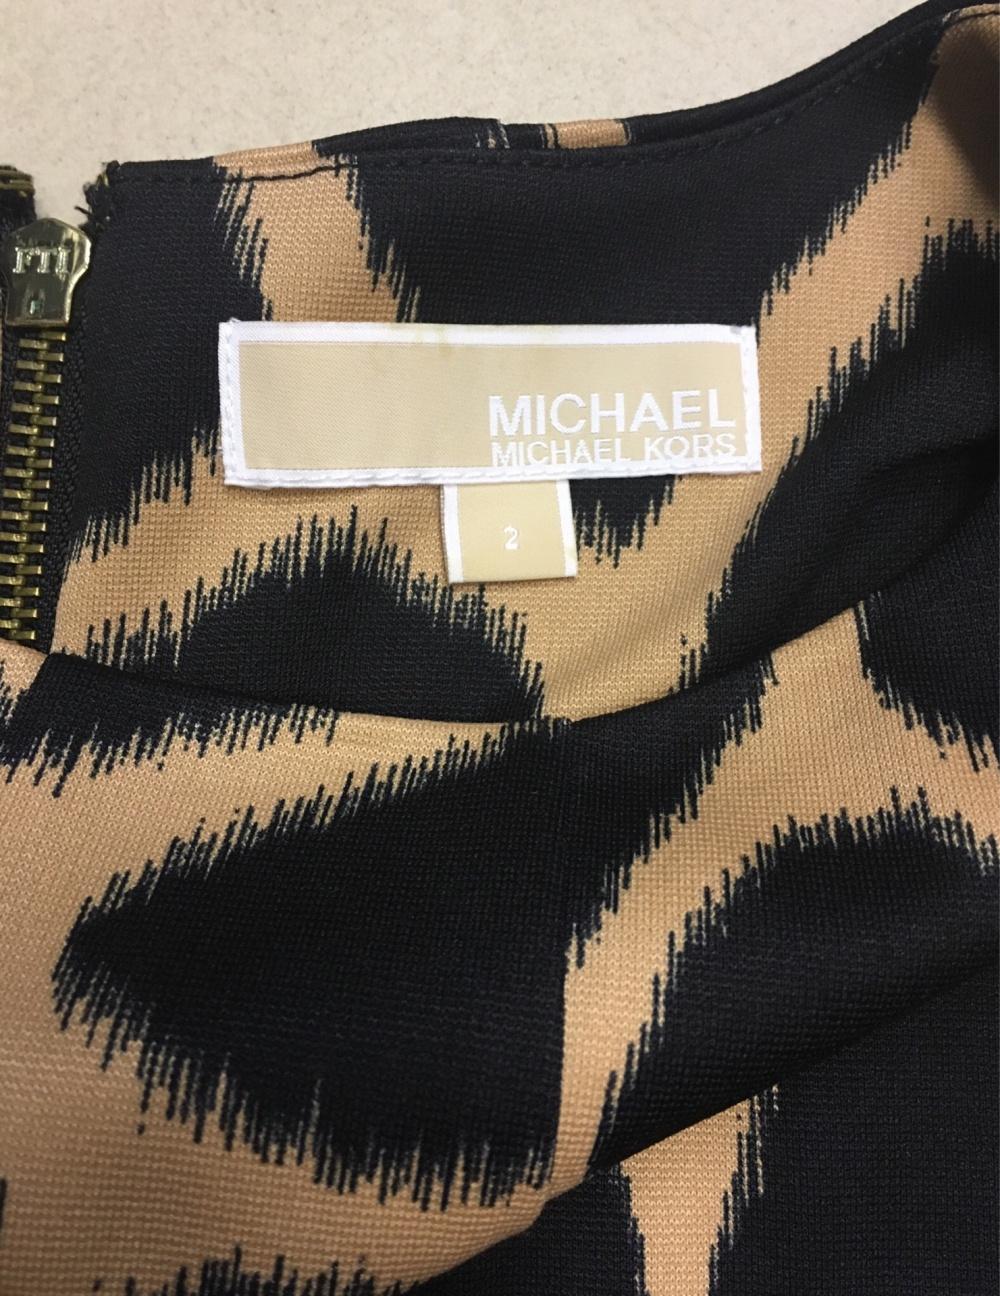 Платье Michael Kors, размер 2 (40-42)